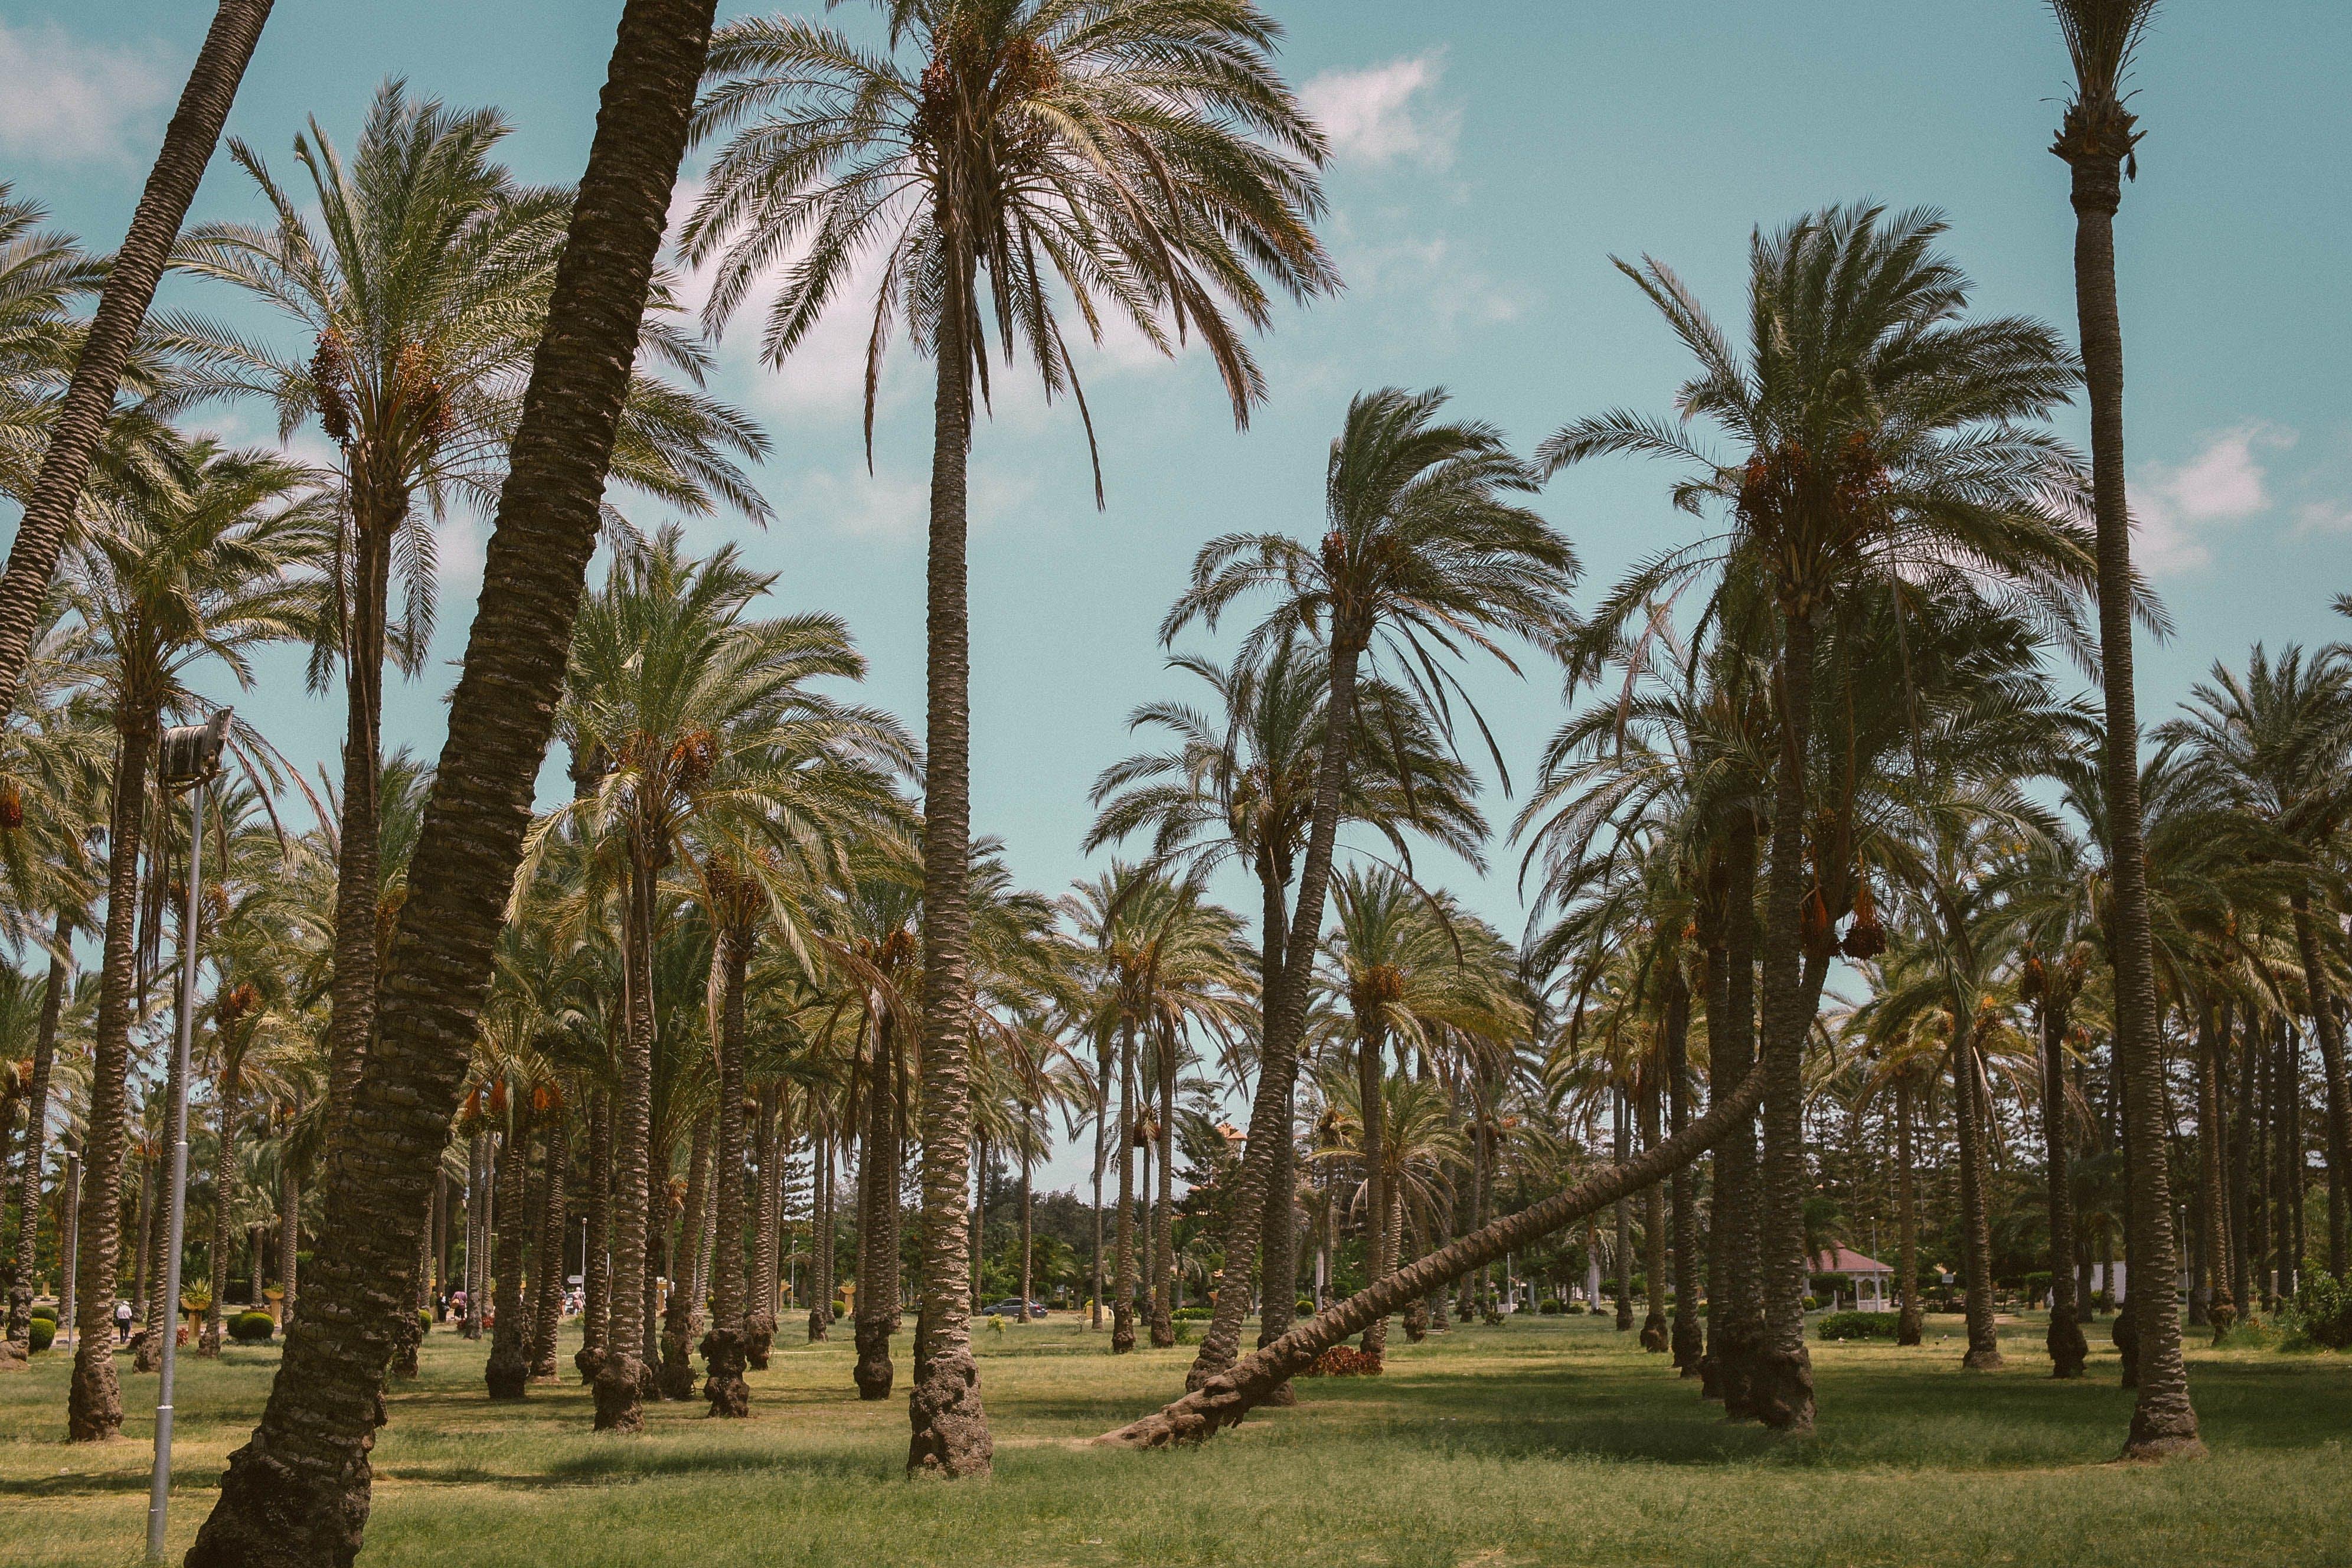 日光, 棕櫚樹, 樹木, 熱帶 的 免費圖庫相片